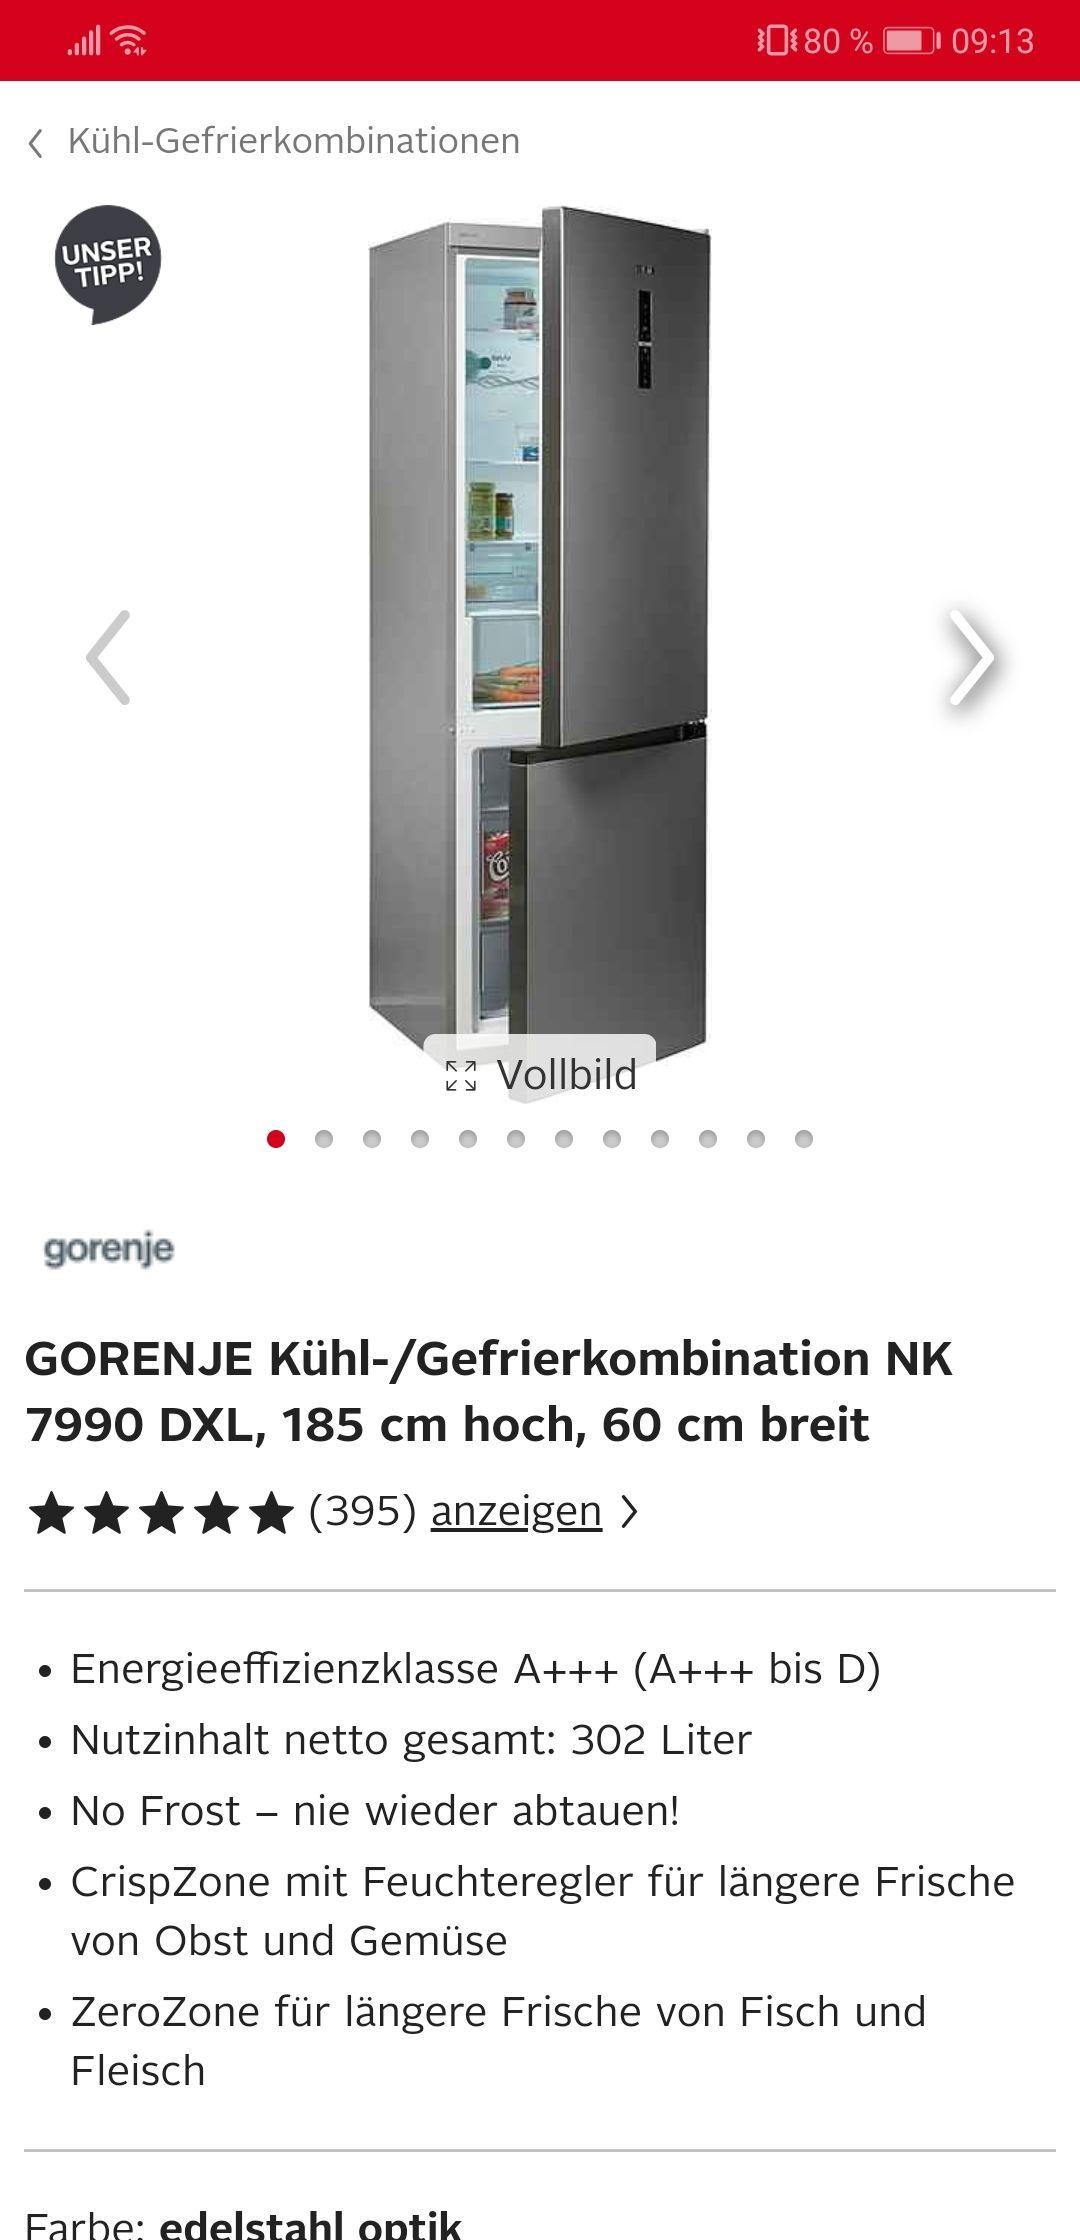 GORENJE Kühl-/Gefrierkombination NK 7990 DXL, 185 cm hoch, 60 cm breit